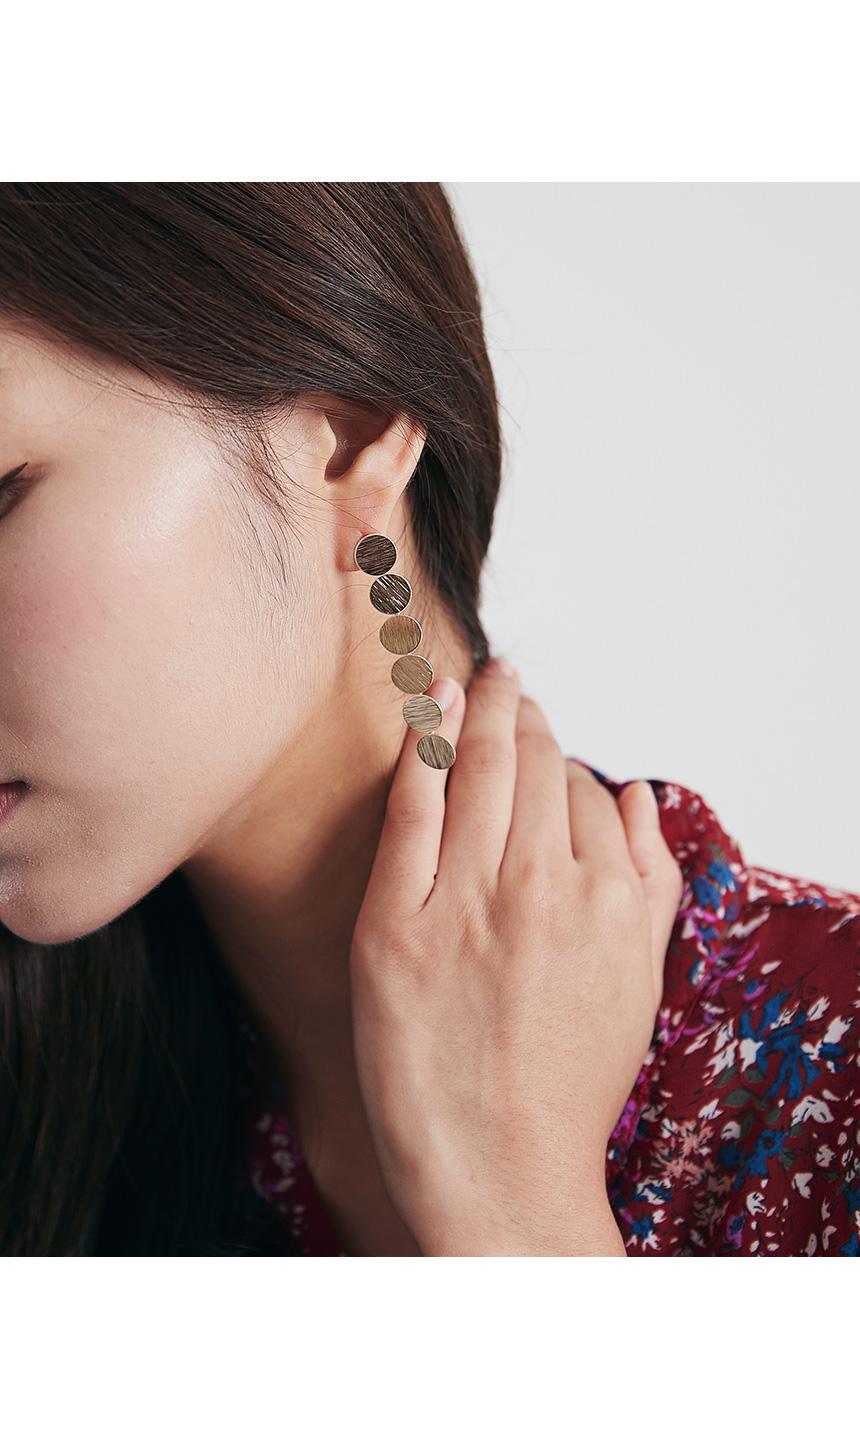 Six sanding earrings